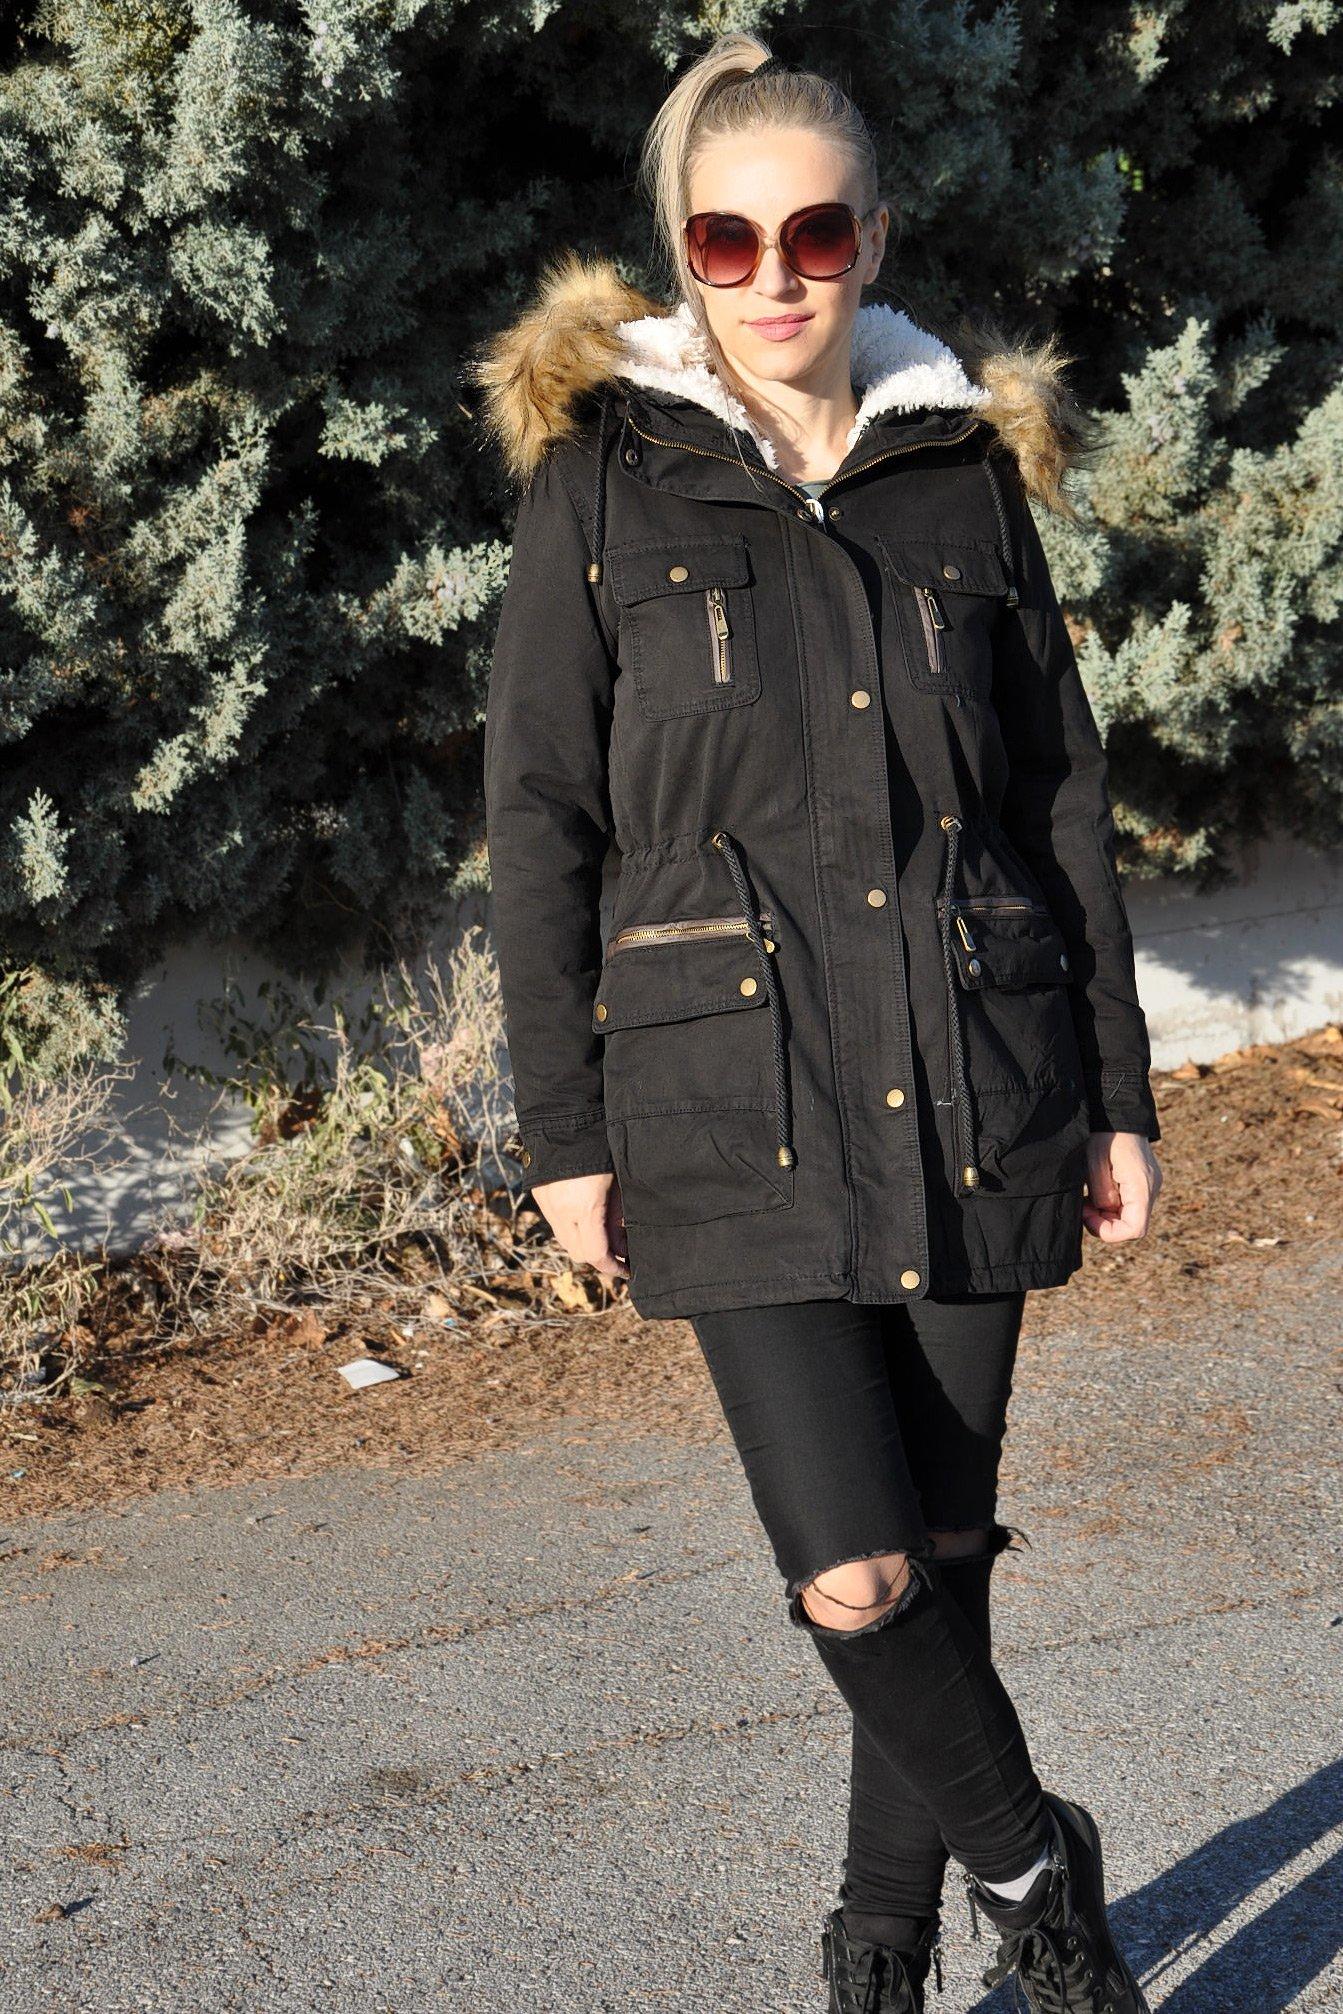 Γυναικείο μπουφάν παρκά με γούνινη κουκούλα σε μαύρο χρώμα 872a617a85d